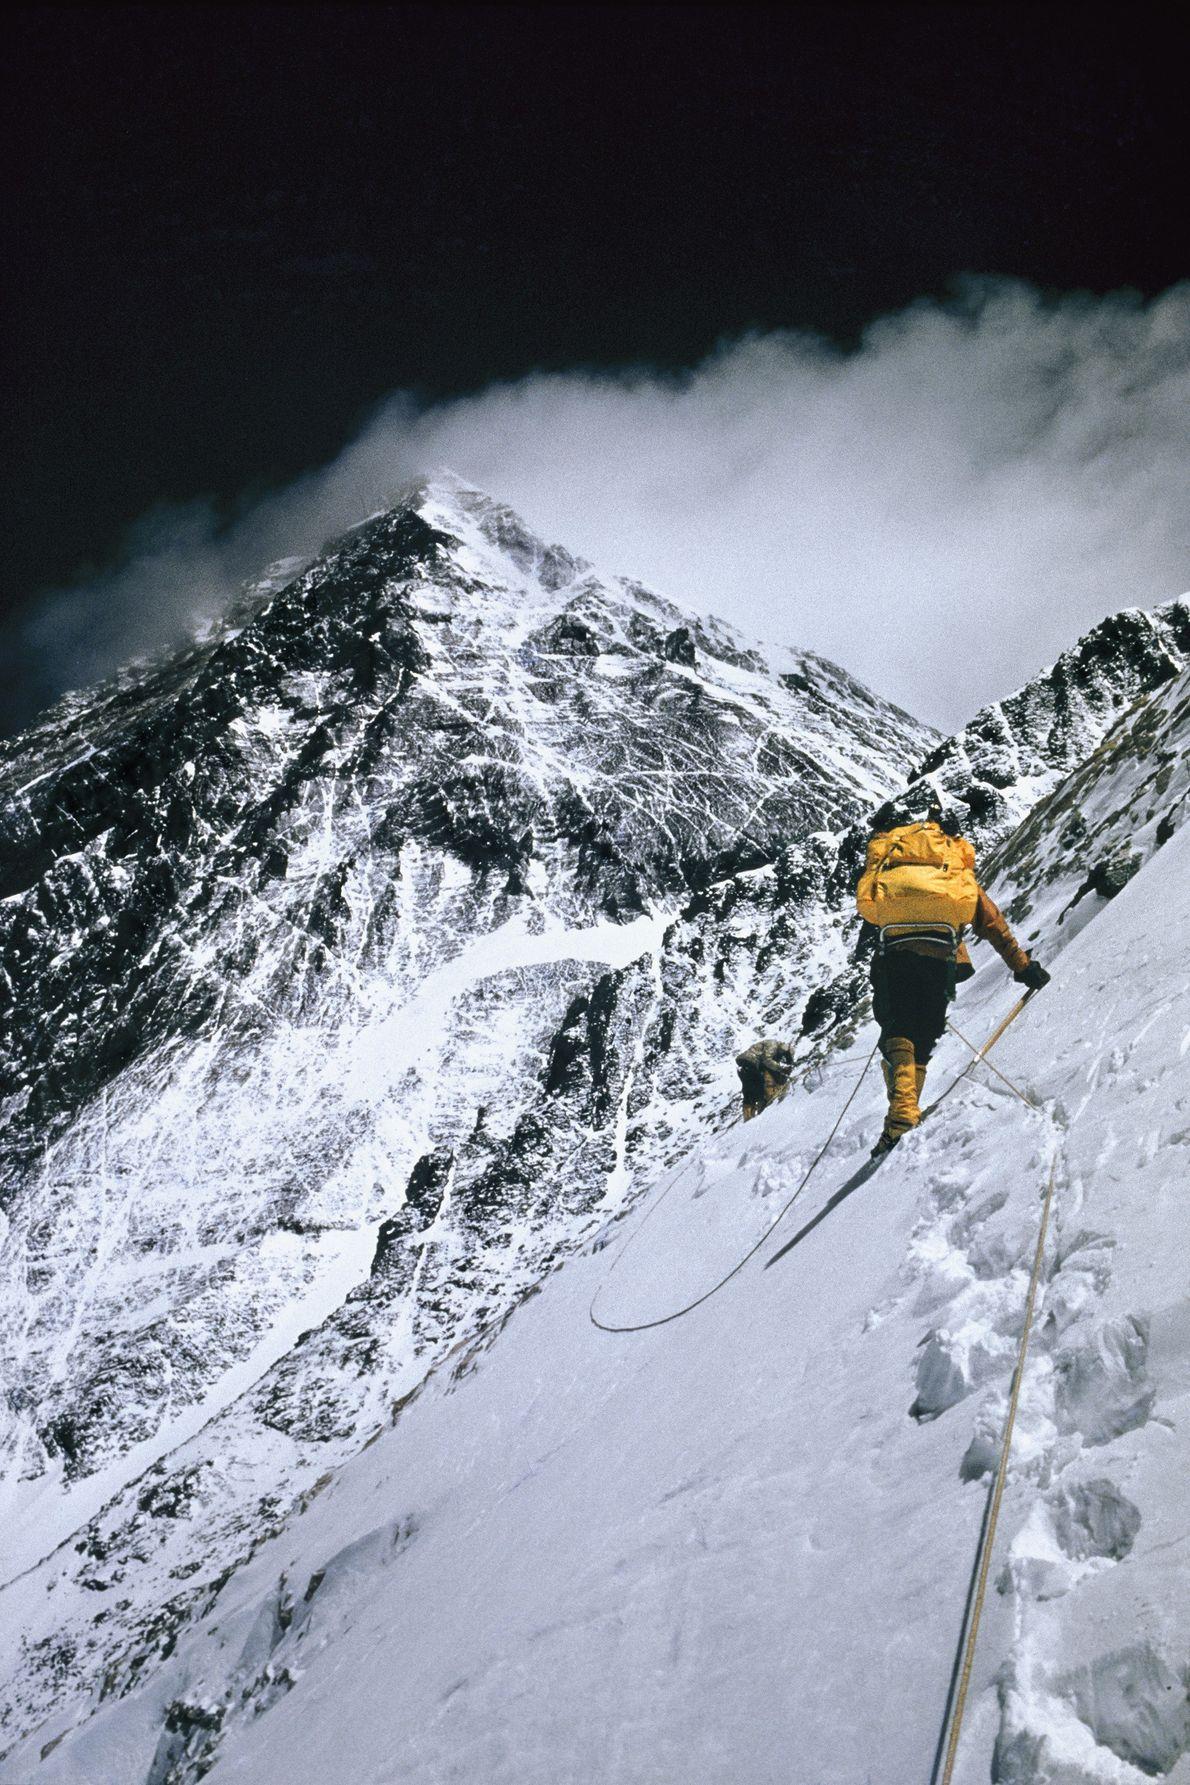 Los escaladores cruzan la vertiginosa pendiente del Lhotse a 25,000 pies (alrededor 7620 metros). Acompañado por ...